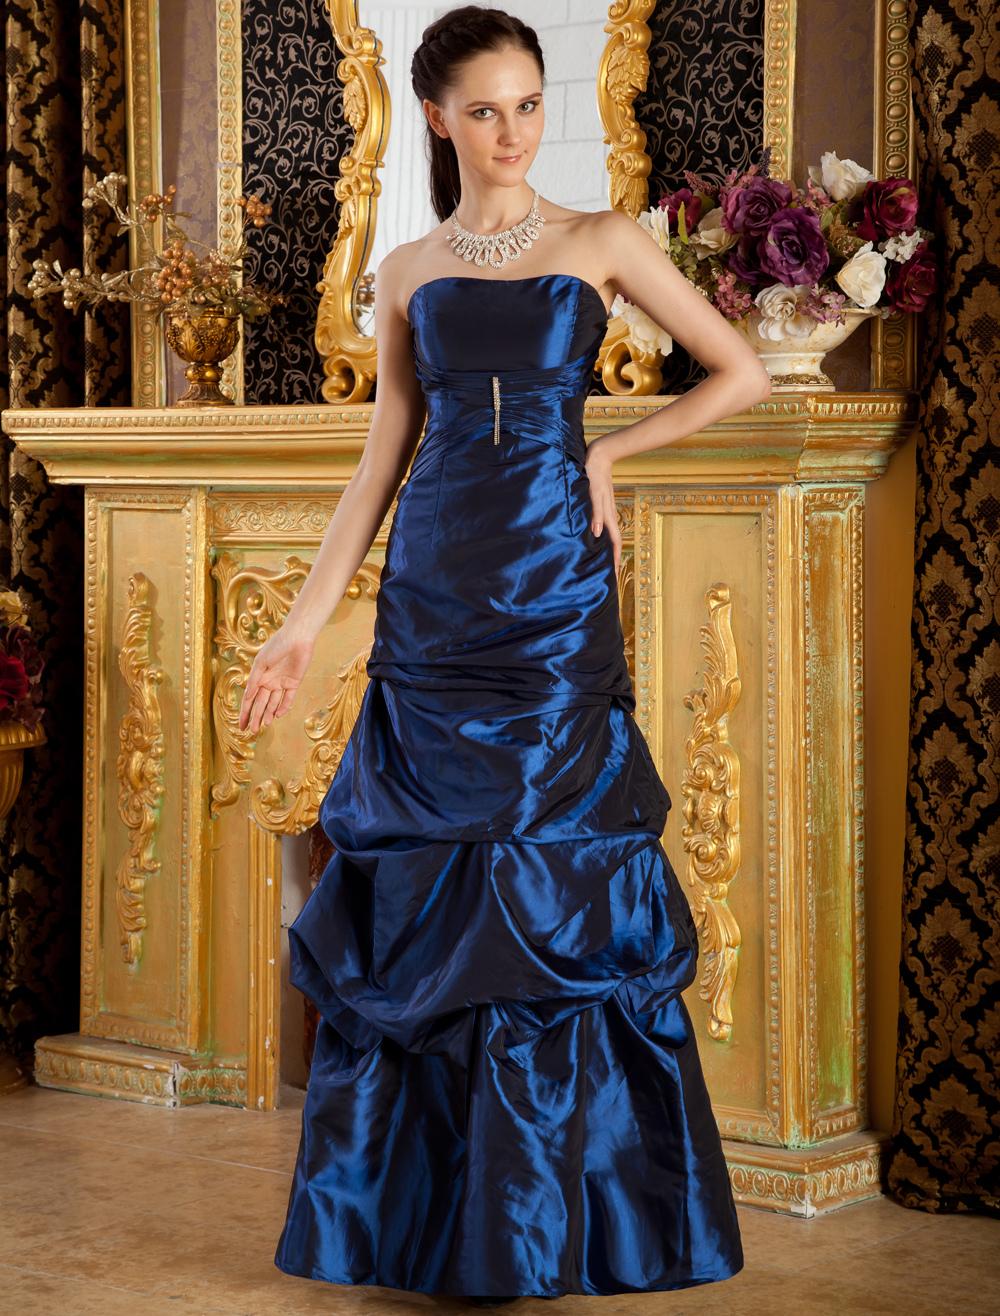 a90fc0bee412 Vestito da sera blu royal con gonna da pricipessa senza spalline a pieghe a  terra in taffettà - Milanoo.com